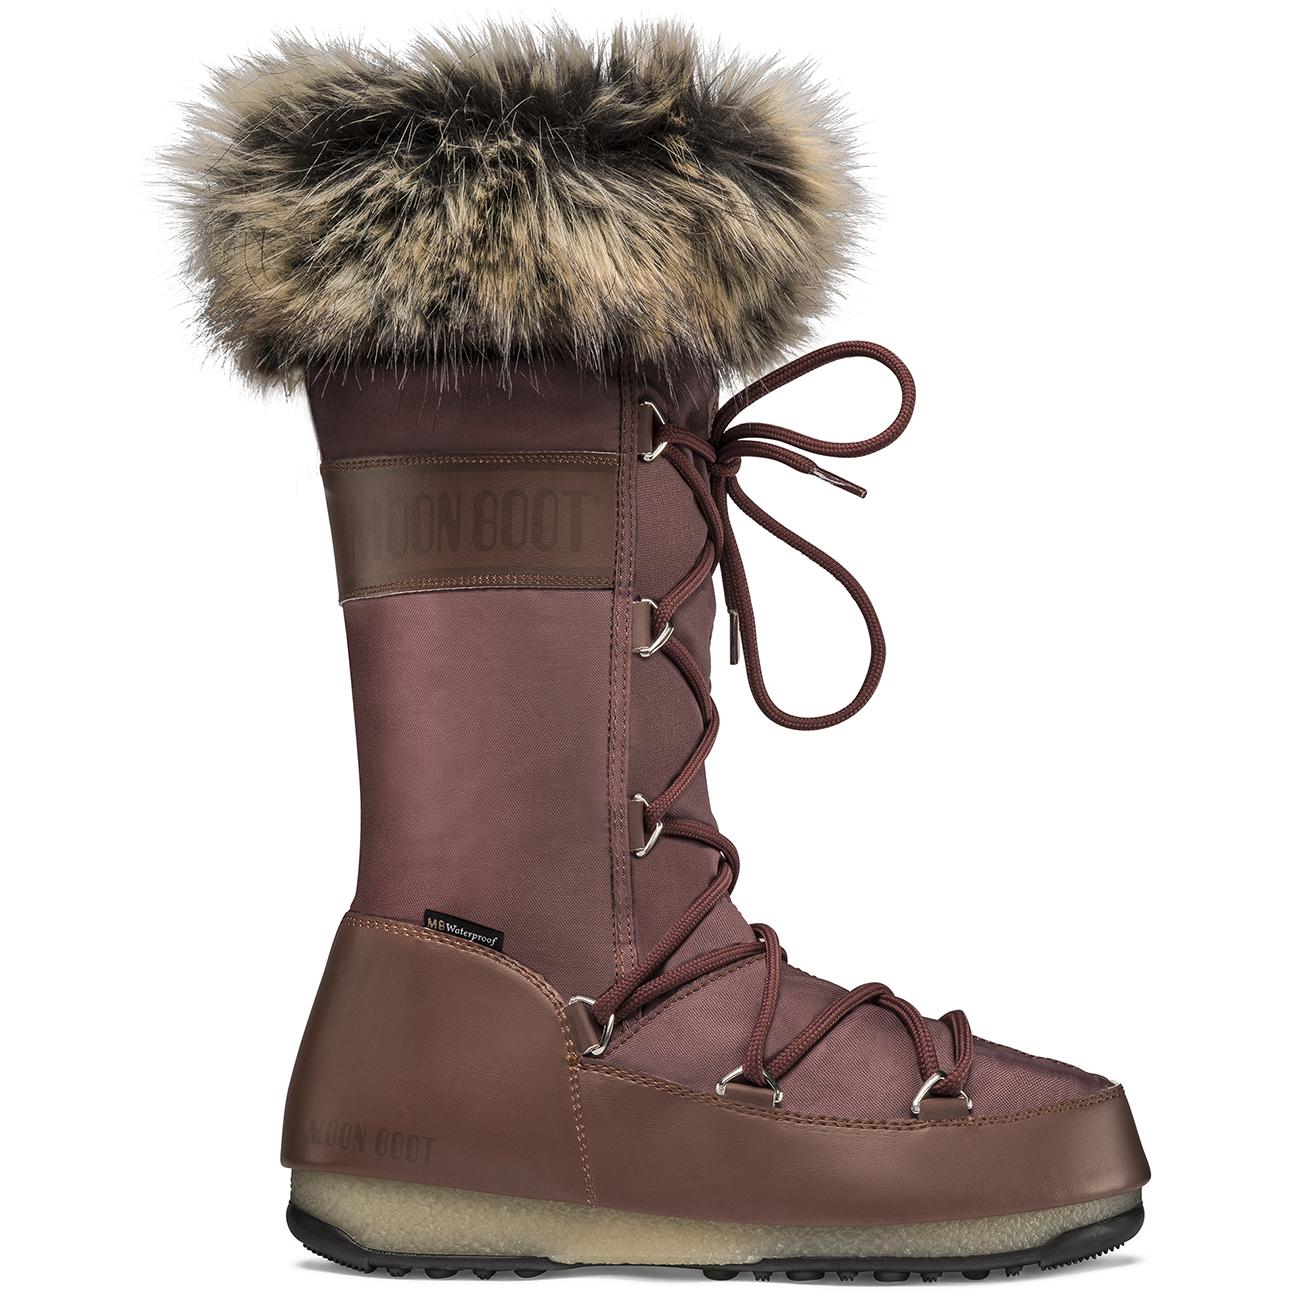 Moon Boot Mónaco para Mujer Esquí Impermeable 2 Nieve Invierno Botas Mitad de Pantorrilla UK 2.5-8